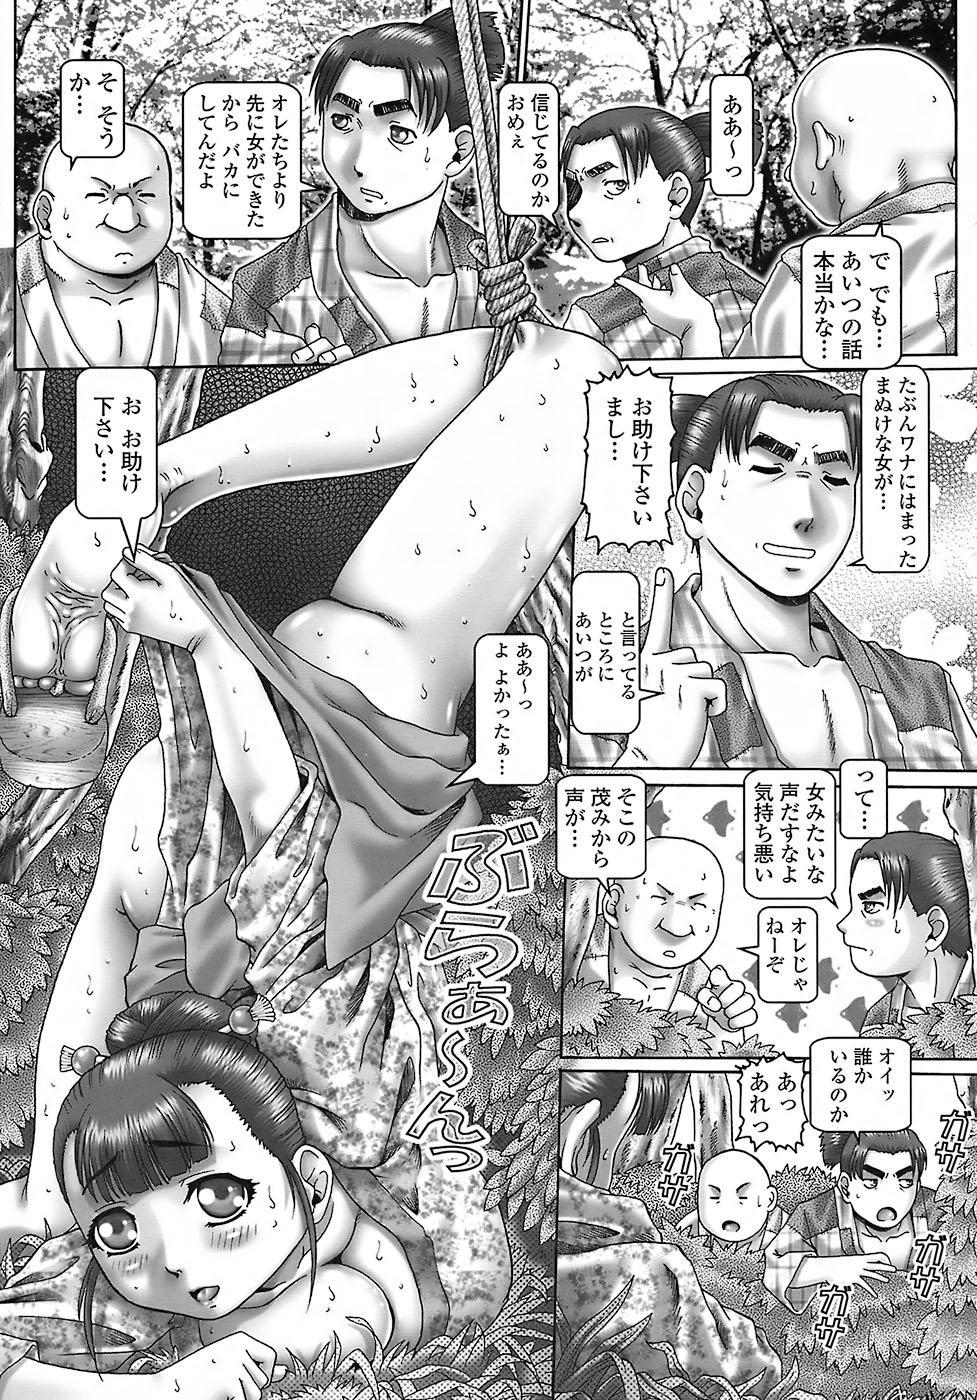 Tenshi no Shizuku 153